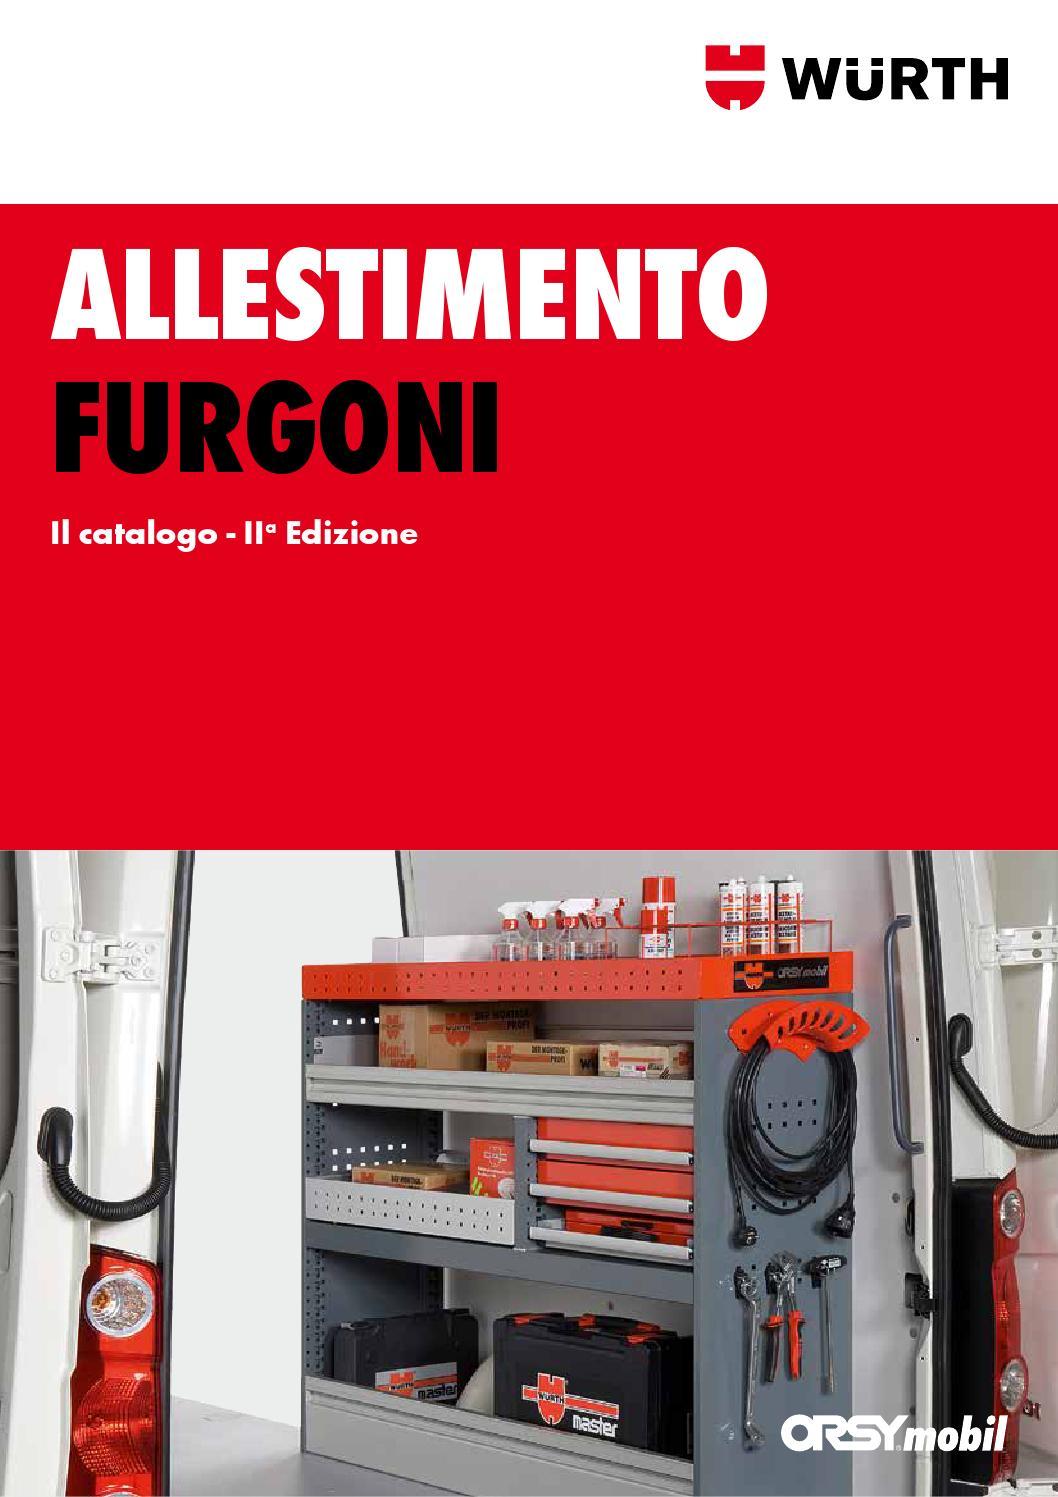 Scaffali Per Furgoni Prezzi.Allestimento Furgoni Wurth By Wurth Italia Issuu